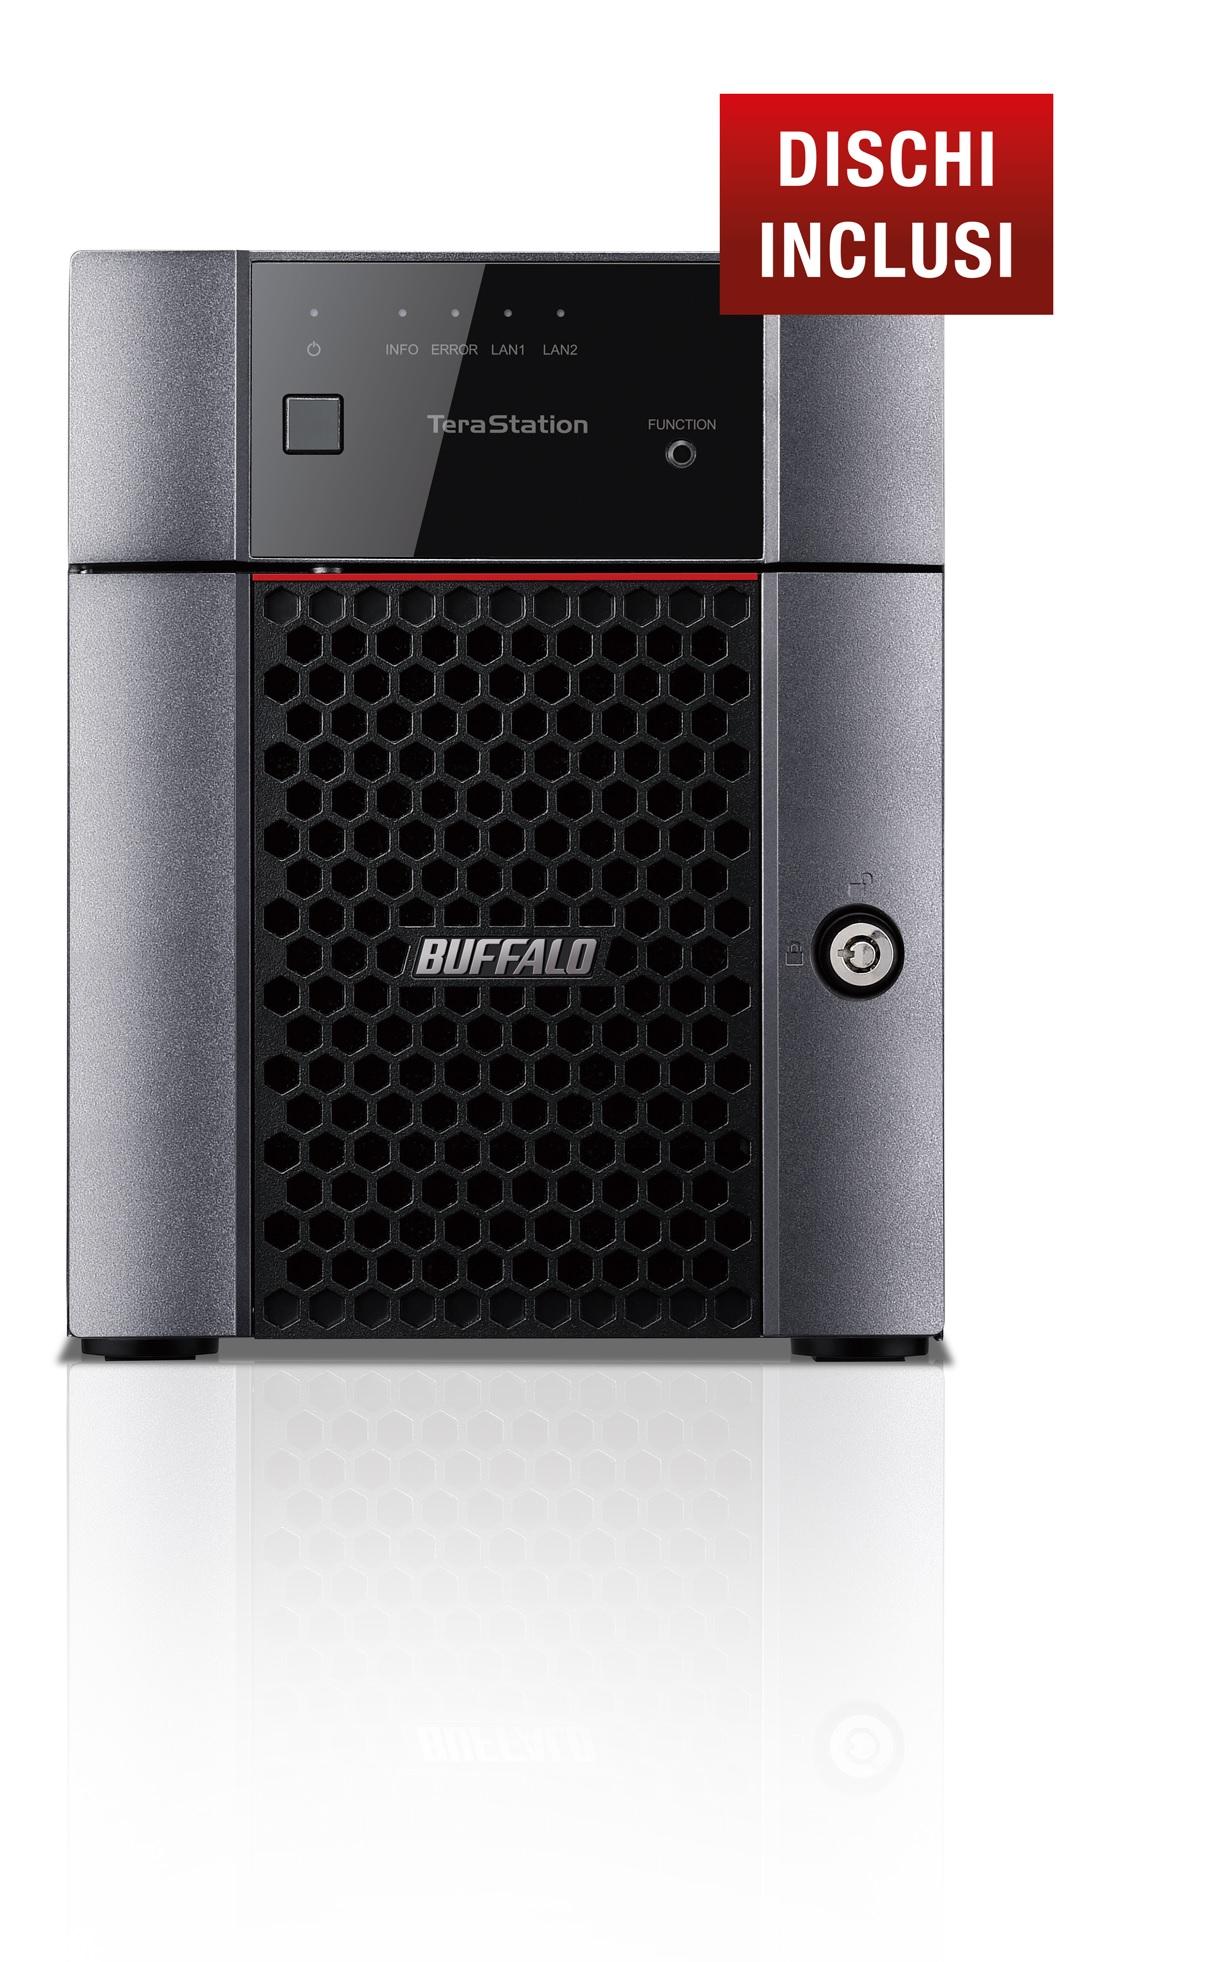 BUFFALO NAS TERASTATION 3410 DESKTOP 4X4TB HDD SATA GIGABIT ETHERNET USB2.0 E 3.0 1,40GHZ 1GB RAM DDR3